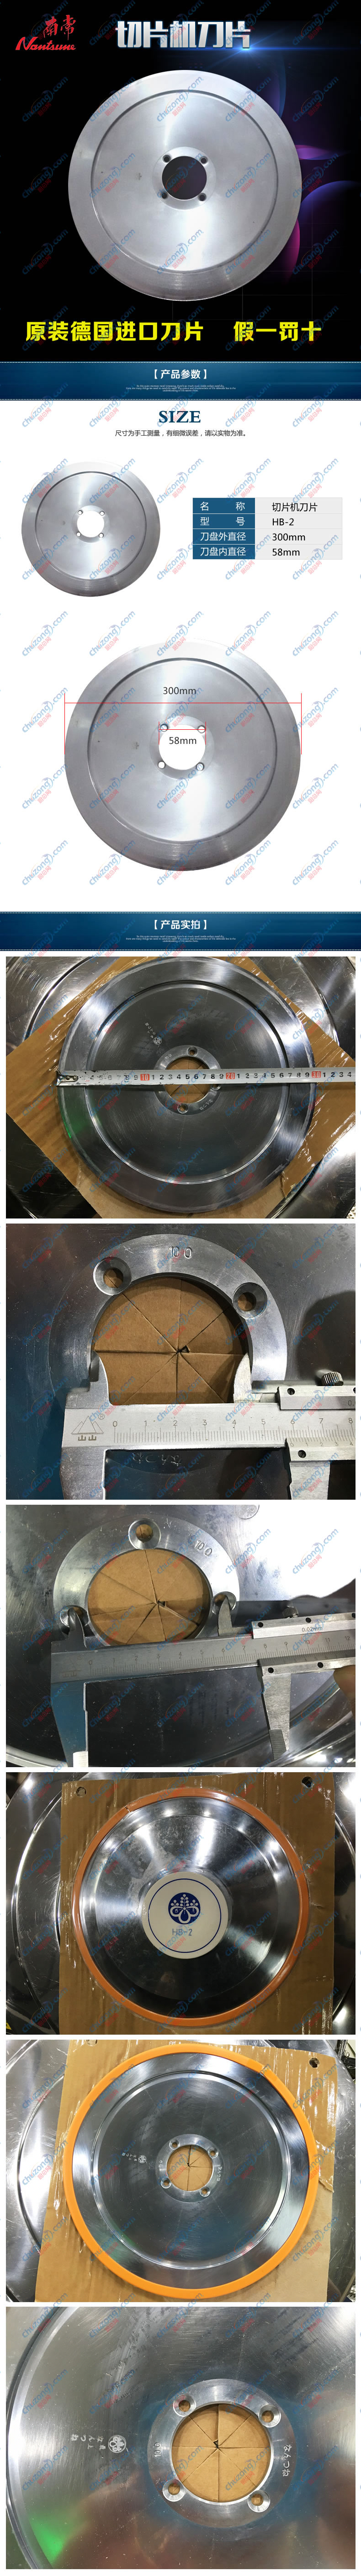 南常切片機HB-2圖片